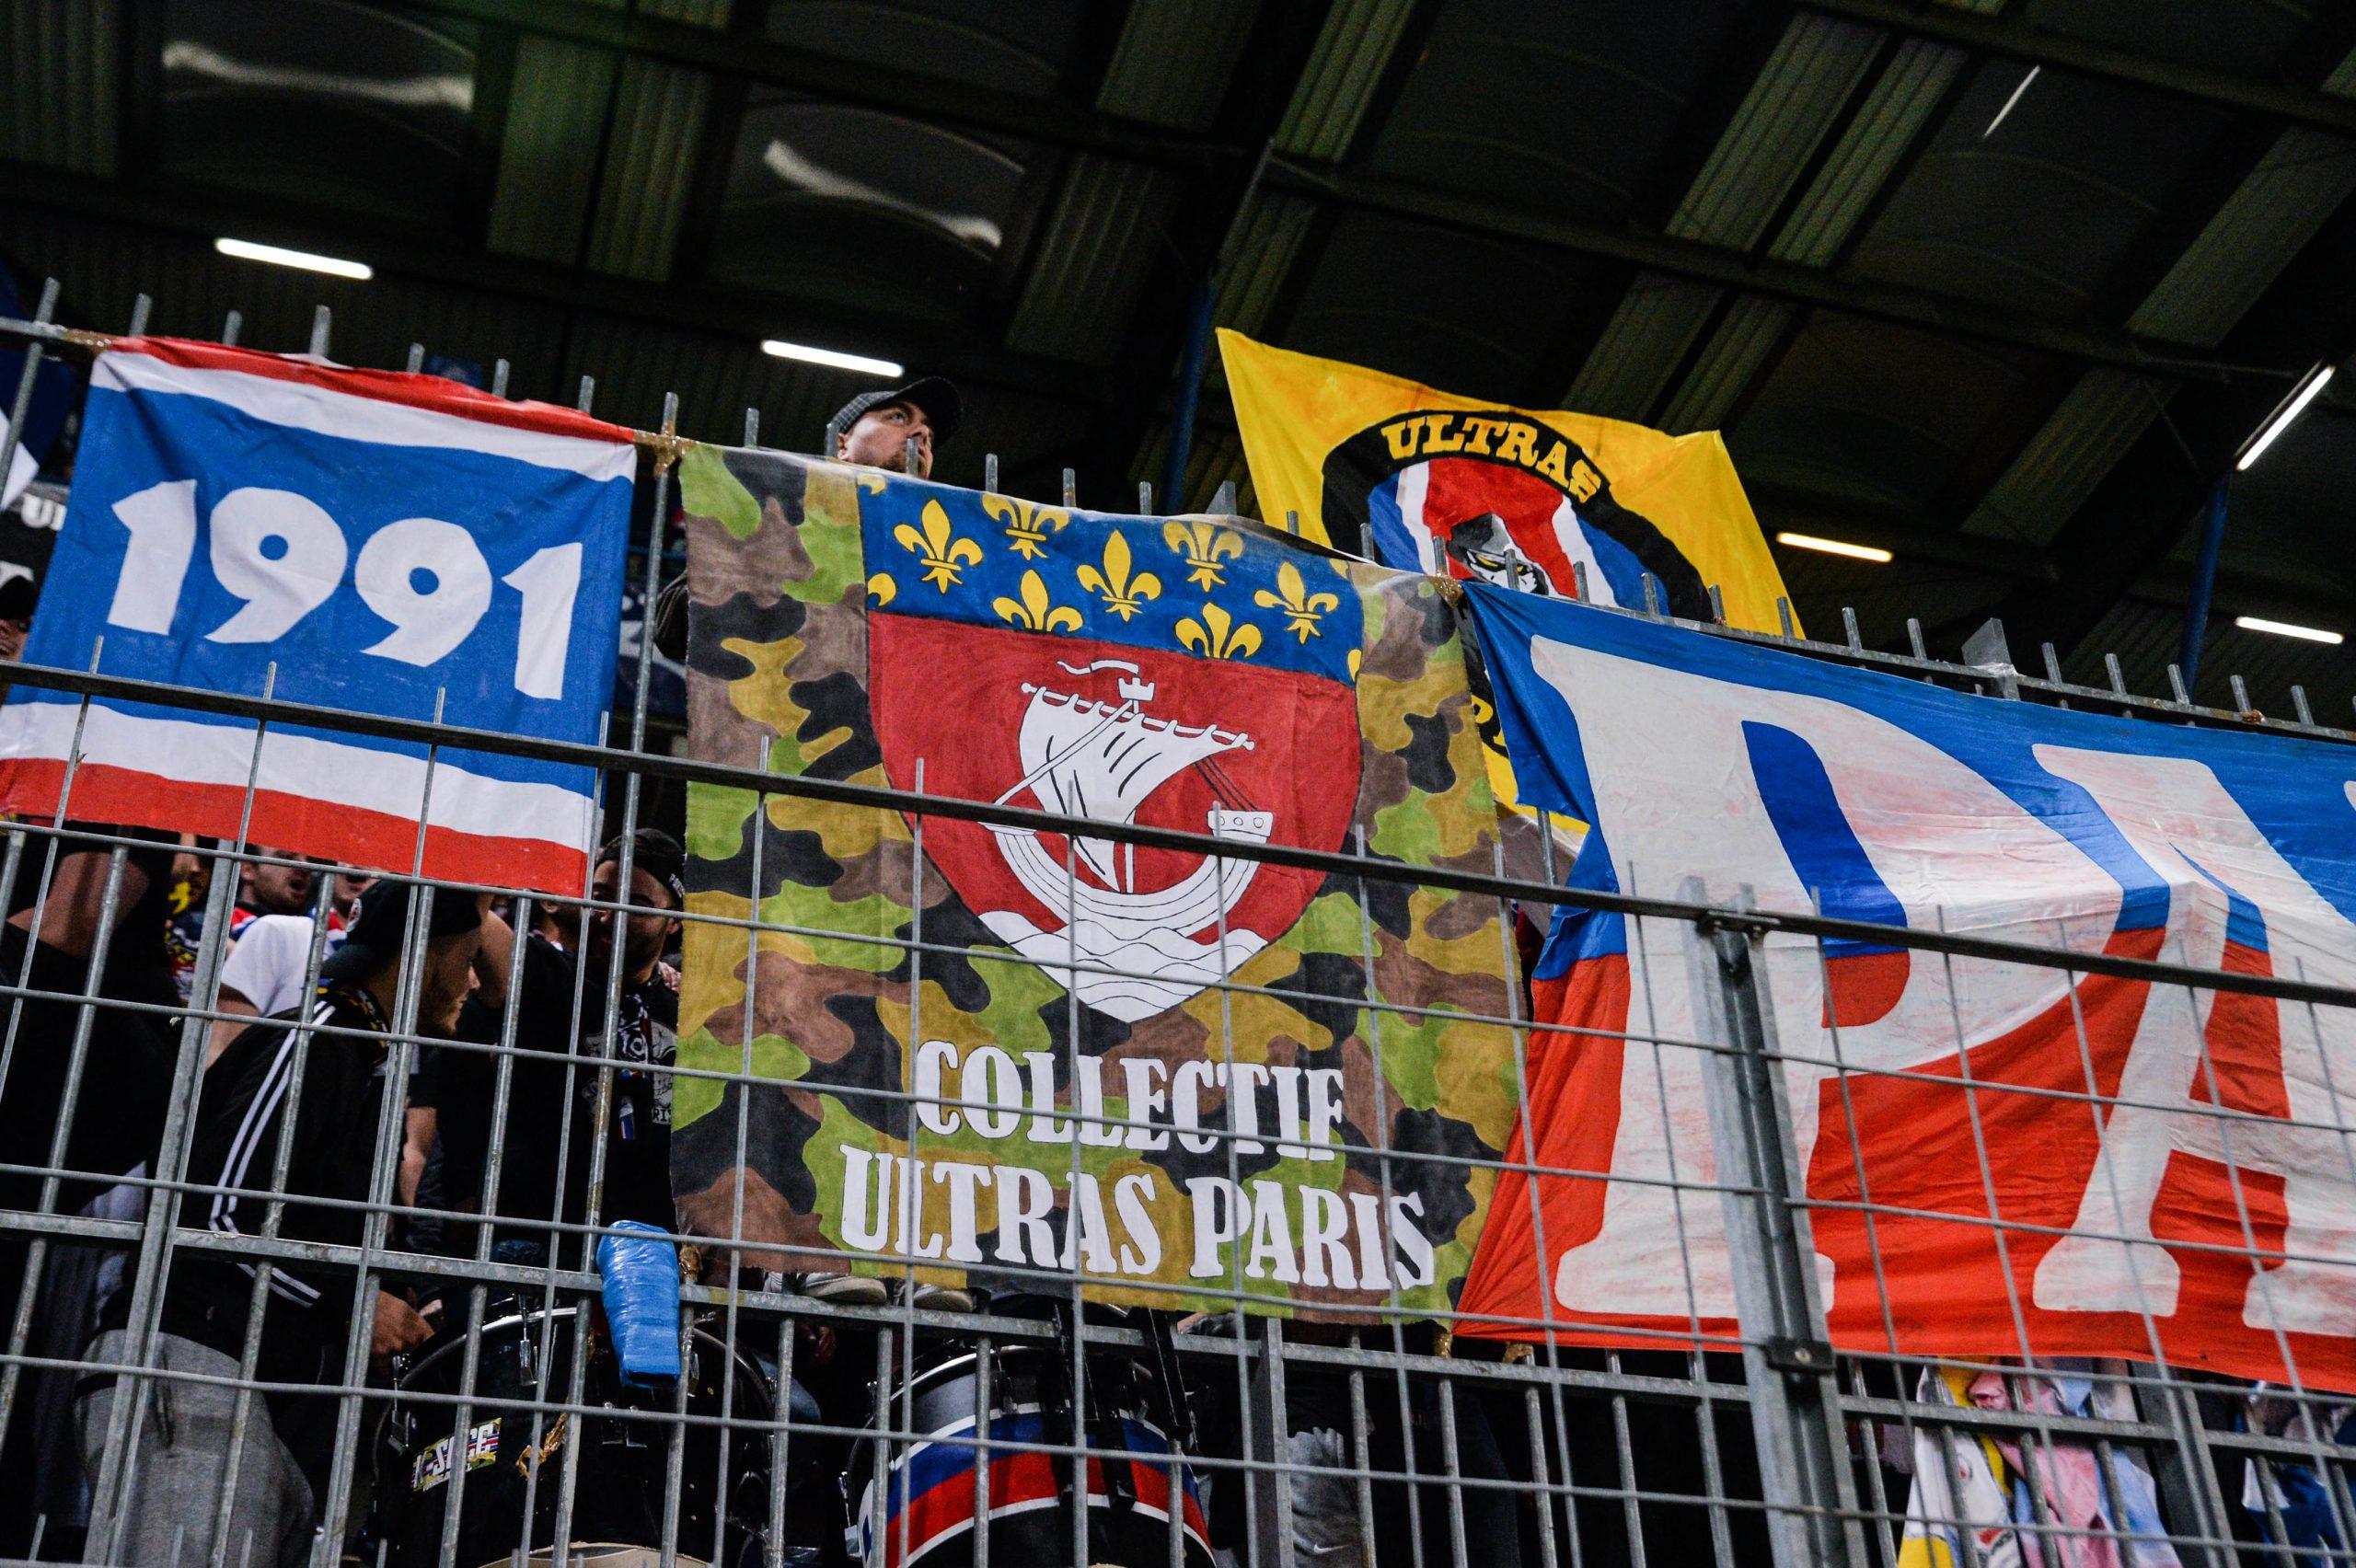 Le Collectif Ultras Paris officialise son absence pour les finales des coupes nationales